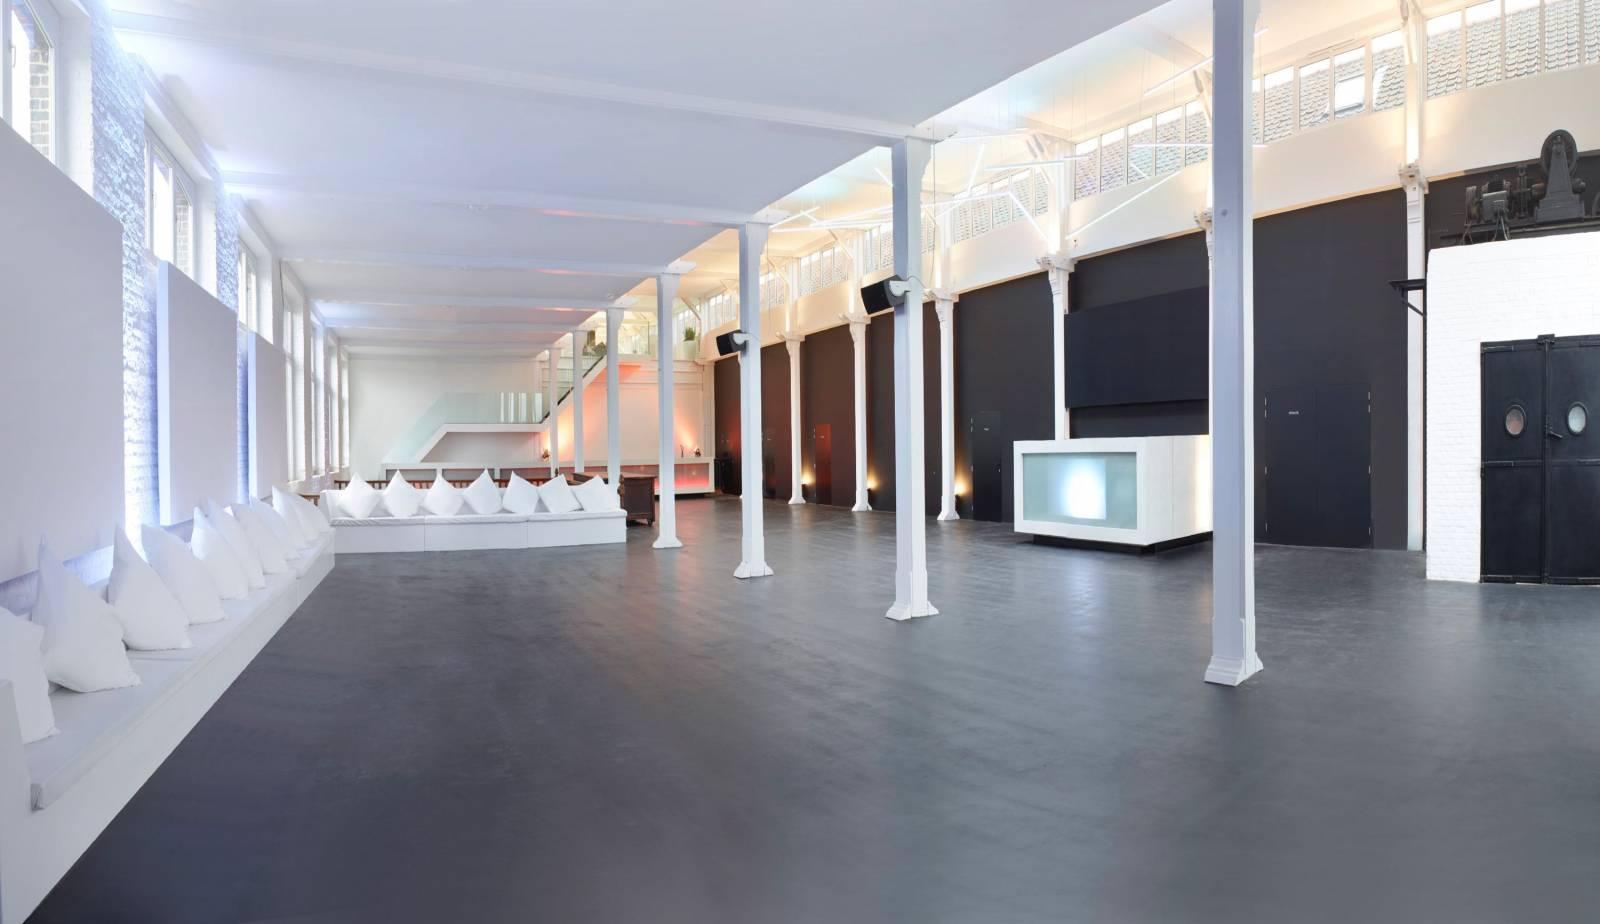 Zaal Lux - Feestzaal - Eventlocatie te Gent - House of Events - 35